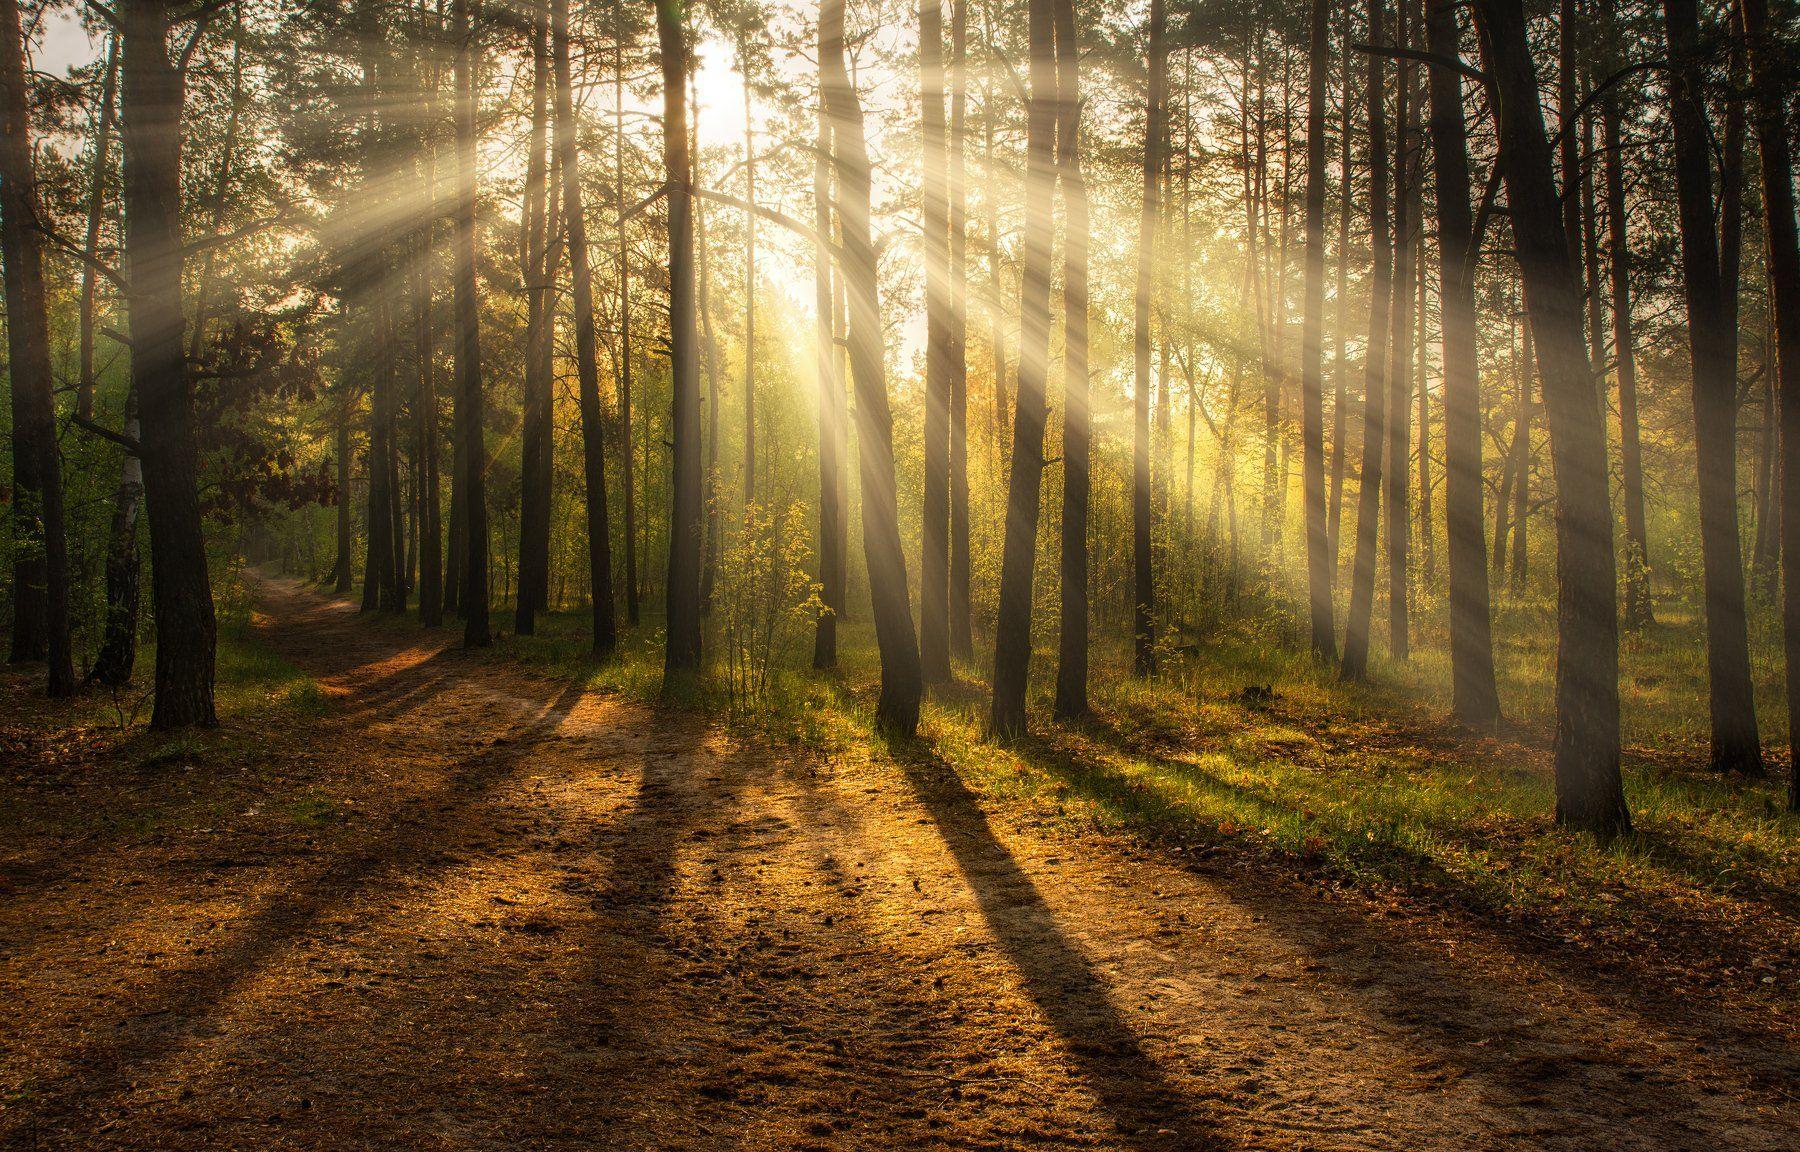 landscape, пейзаж, утро, лес, сосны, деревья, солнечный свет, солнечные лучи, солнце, природа, тропинка, дорога, проселок,, Михаил MSH